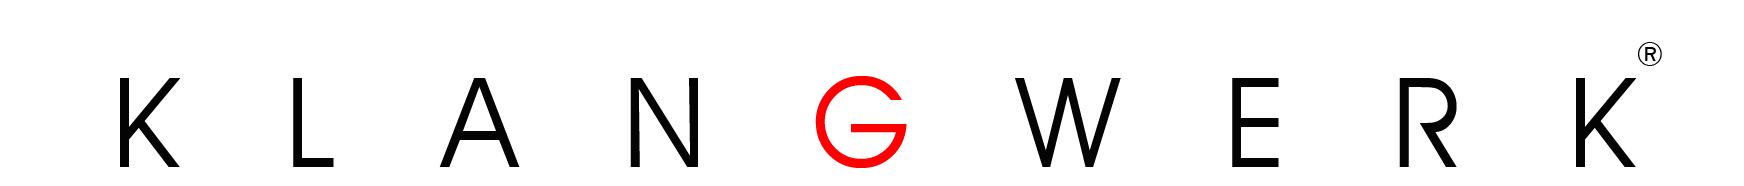 Klangwerk_Logo_Weiss.jpg